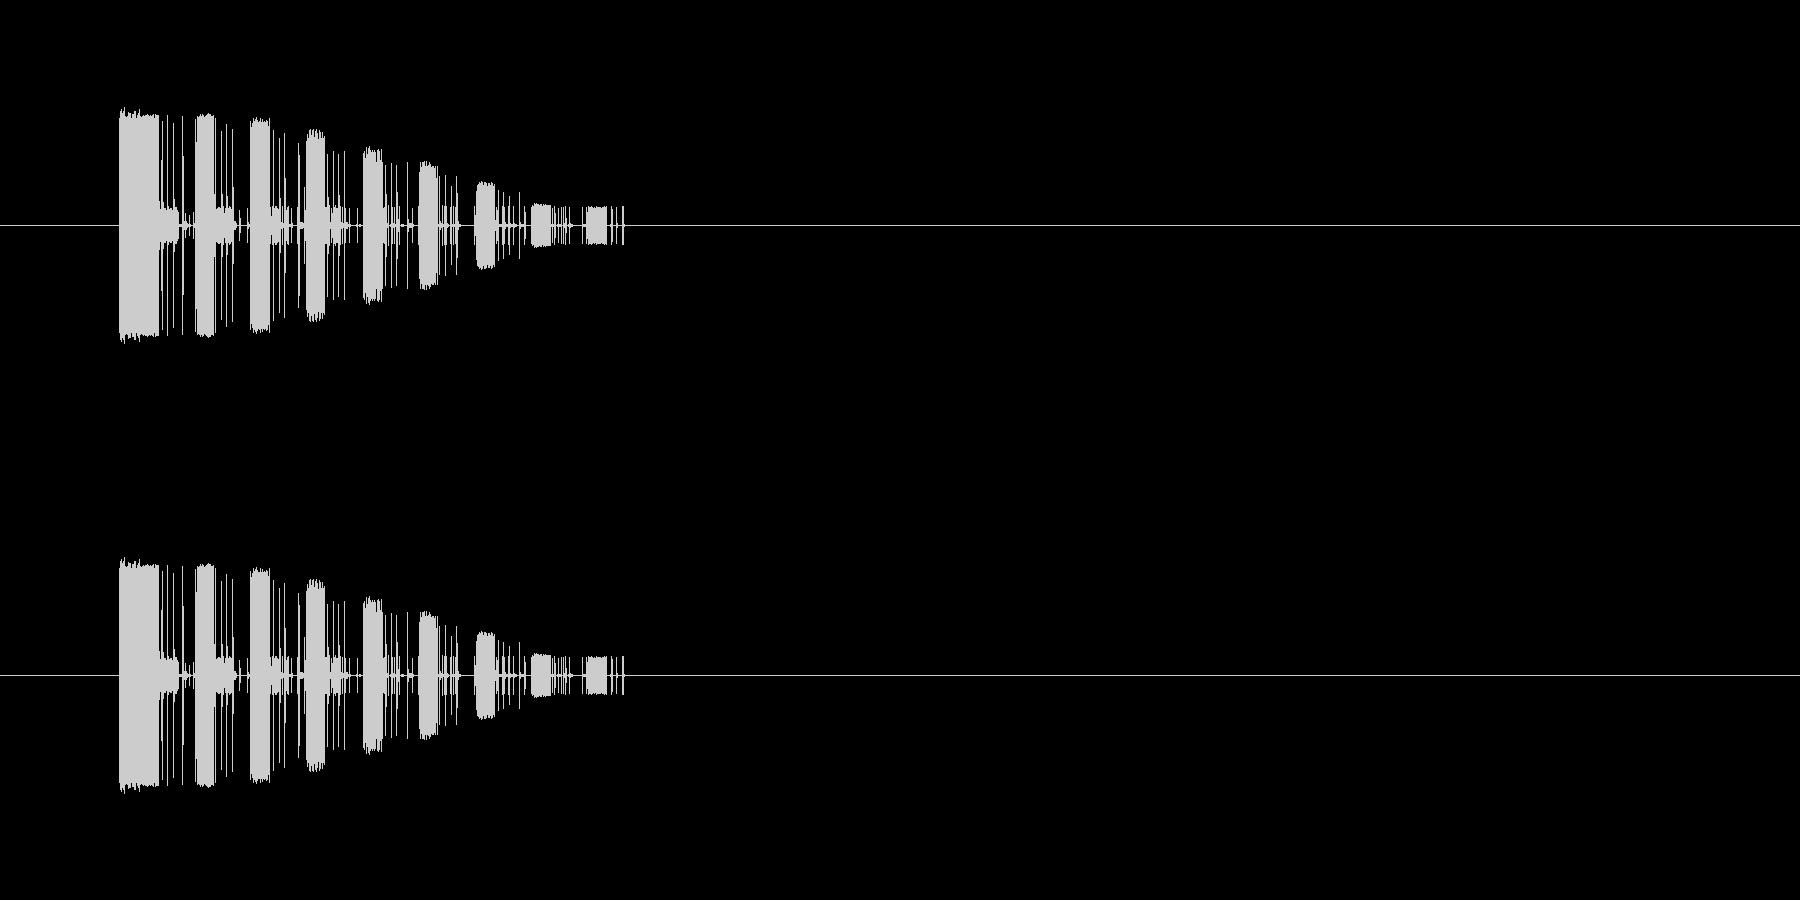 ファミコン風ダメージの音1の未再生の波形